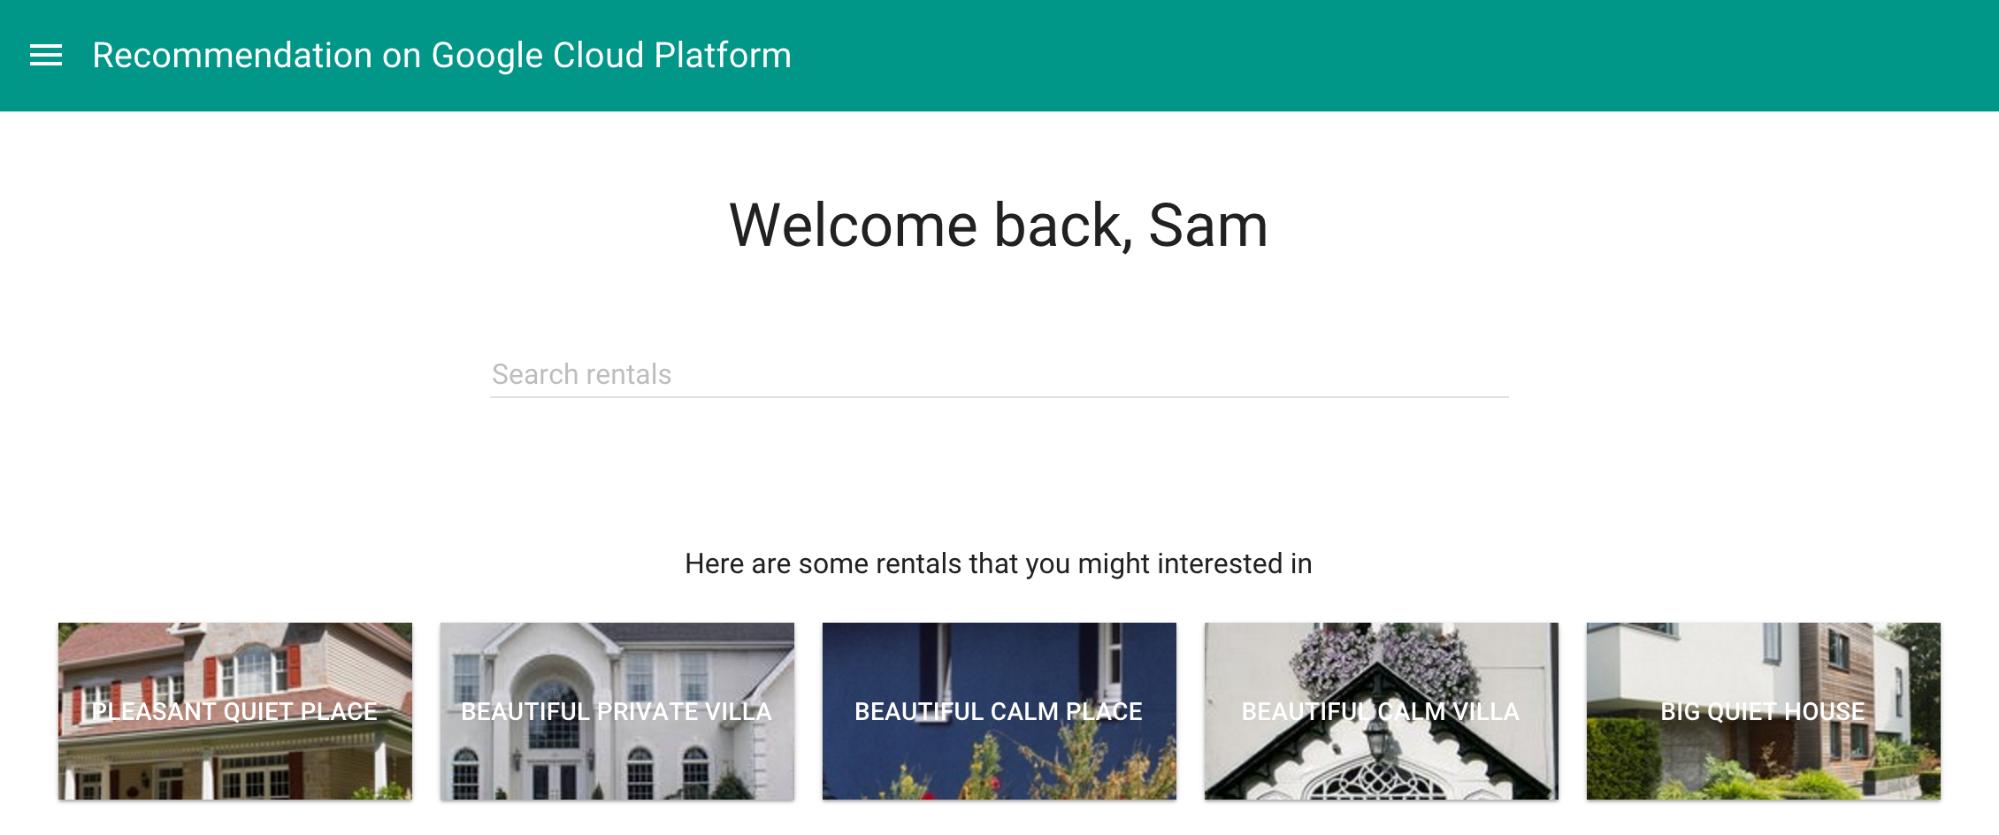 Interface de usuário com resultados